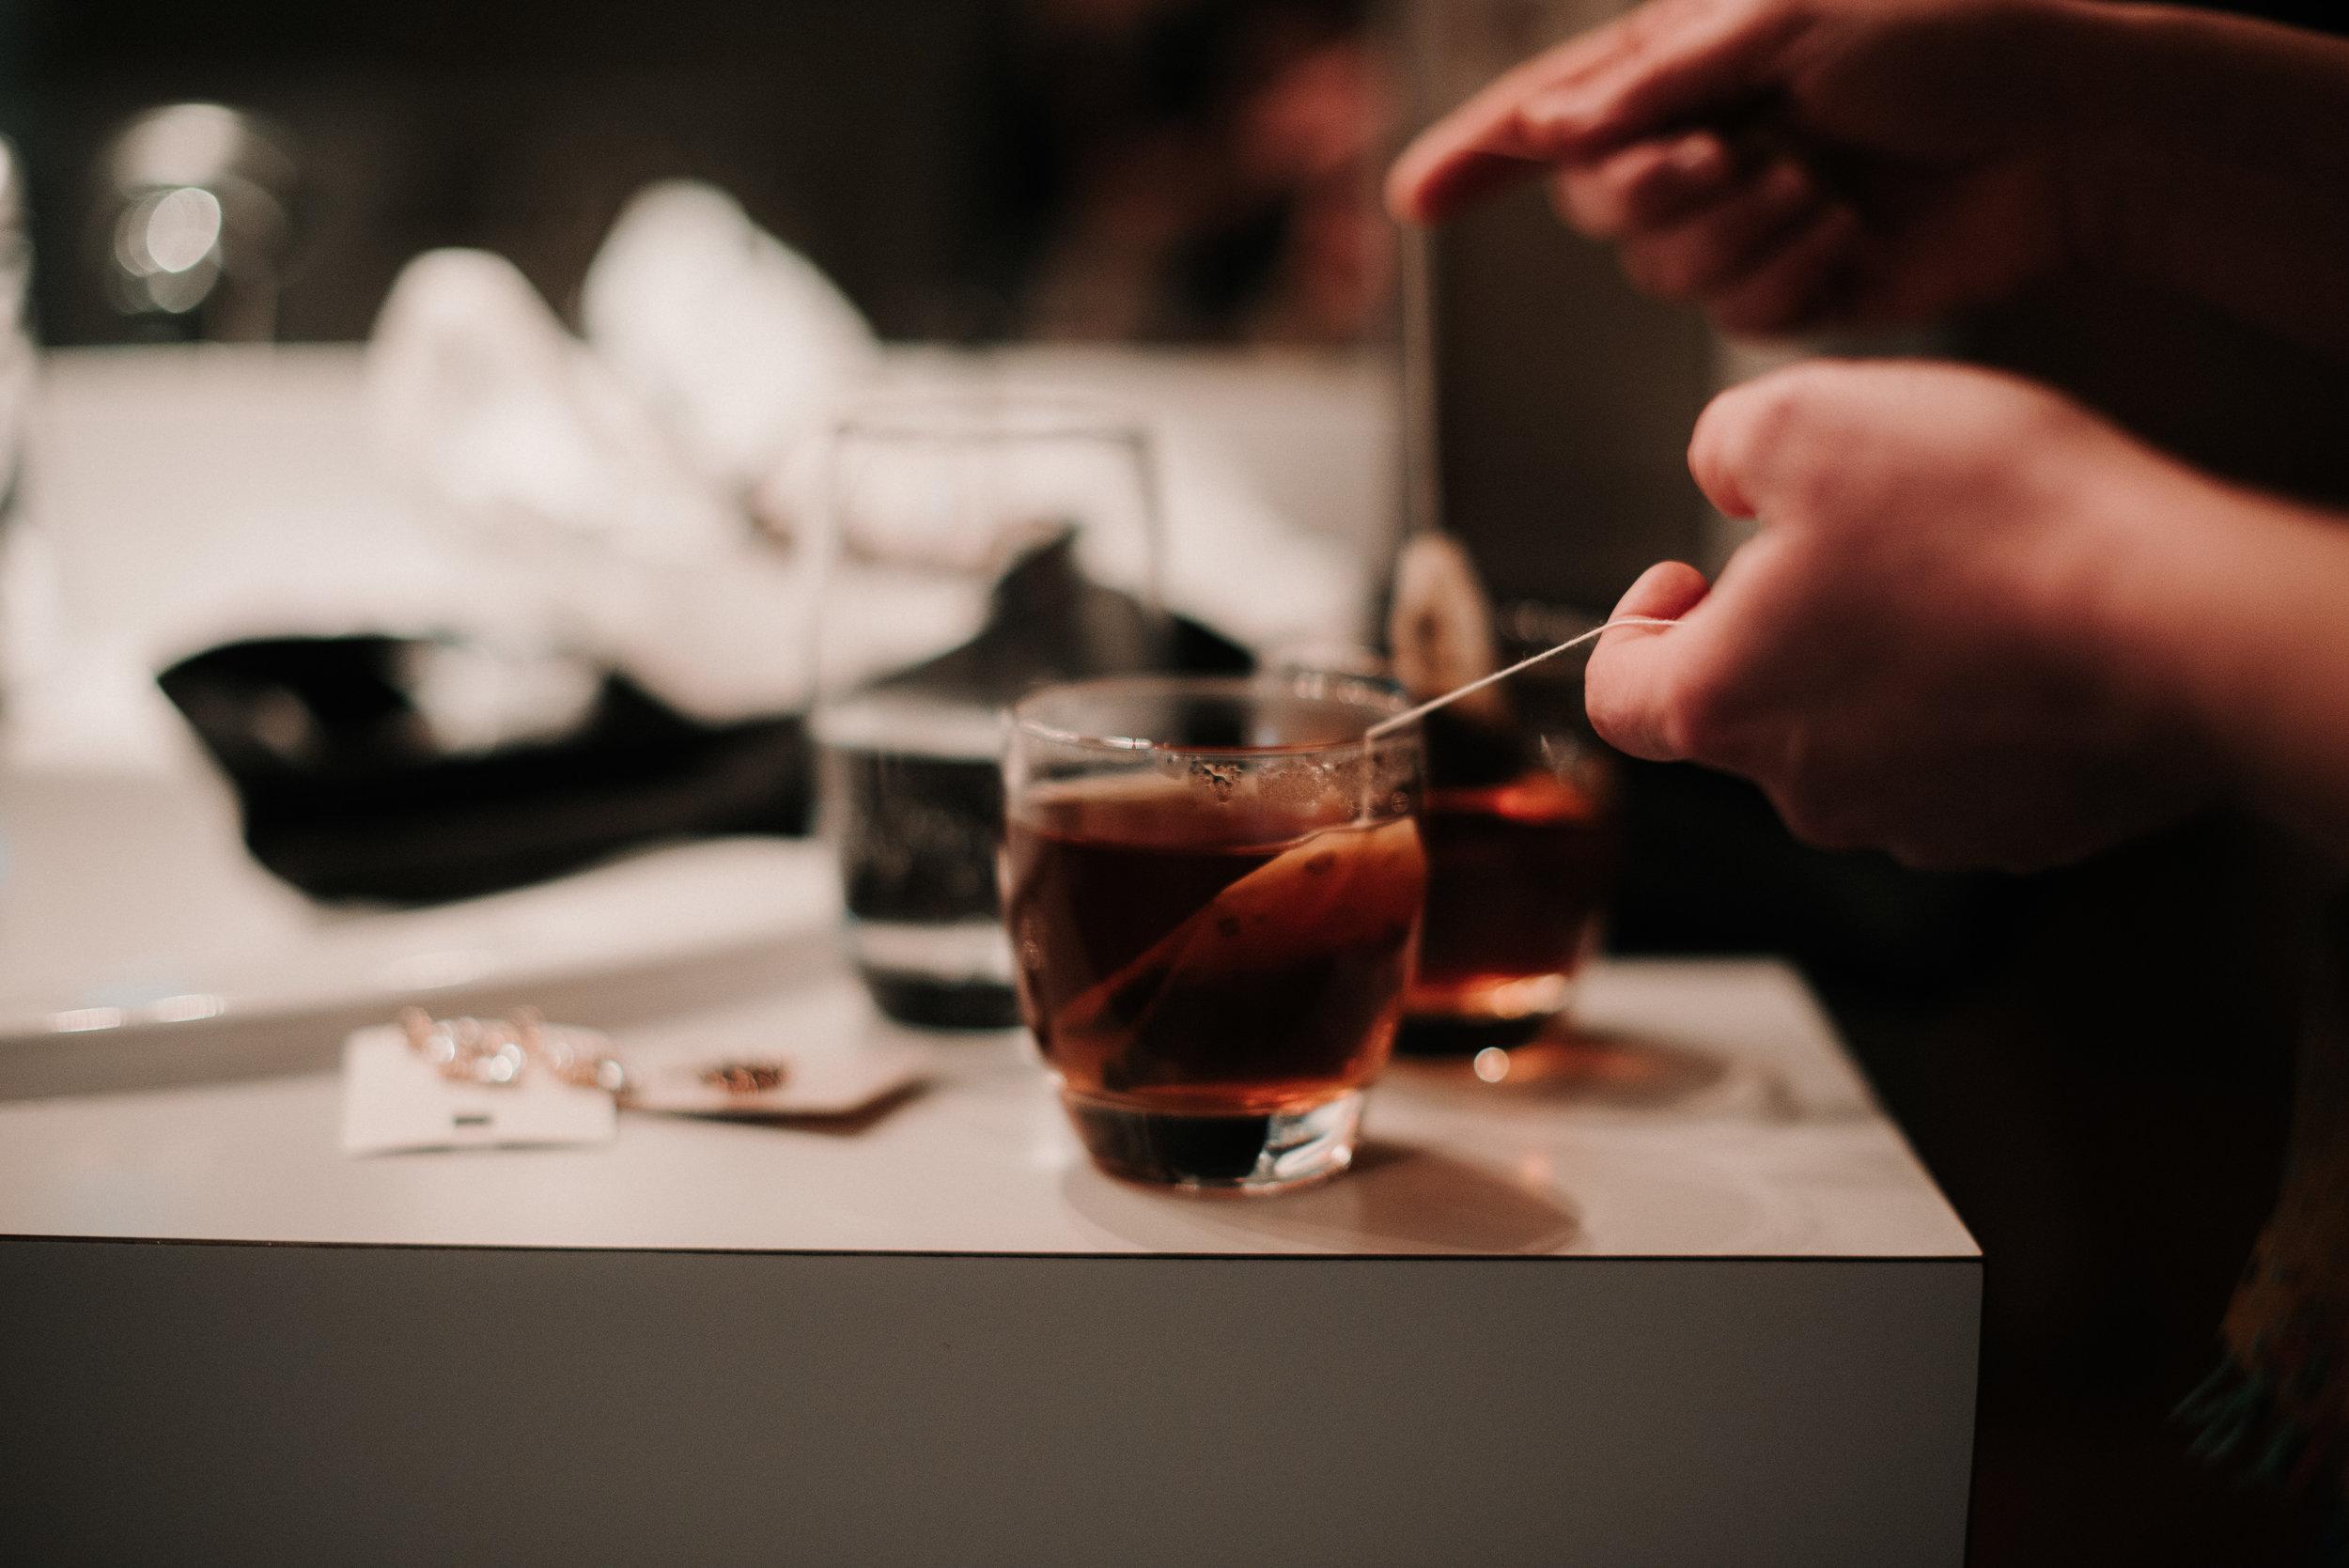 Léa-Fery-photographe-professionnel-lyon-rhone-alpes-portrait-creation-mariage-evenement-evenementiel-famille-6539.jpg